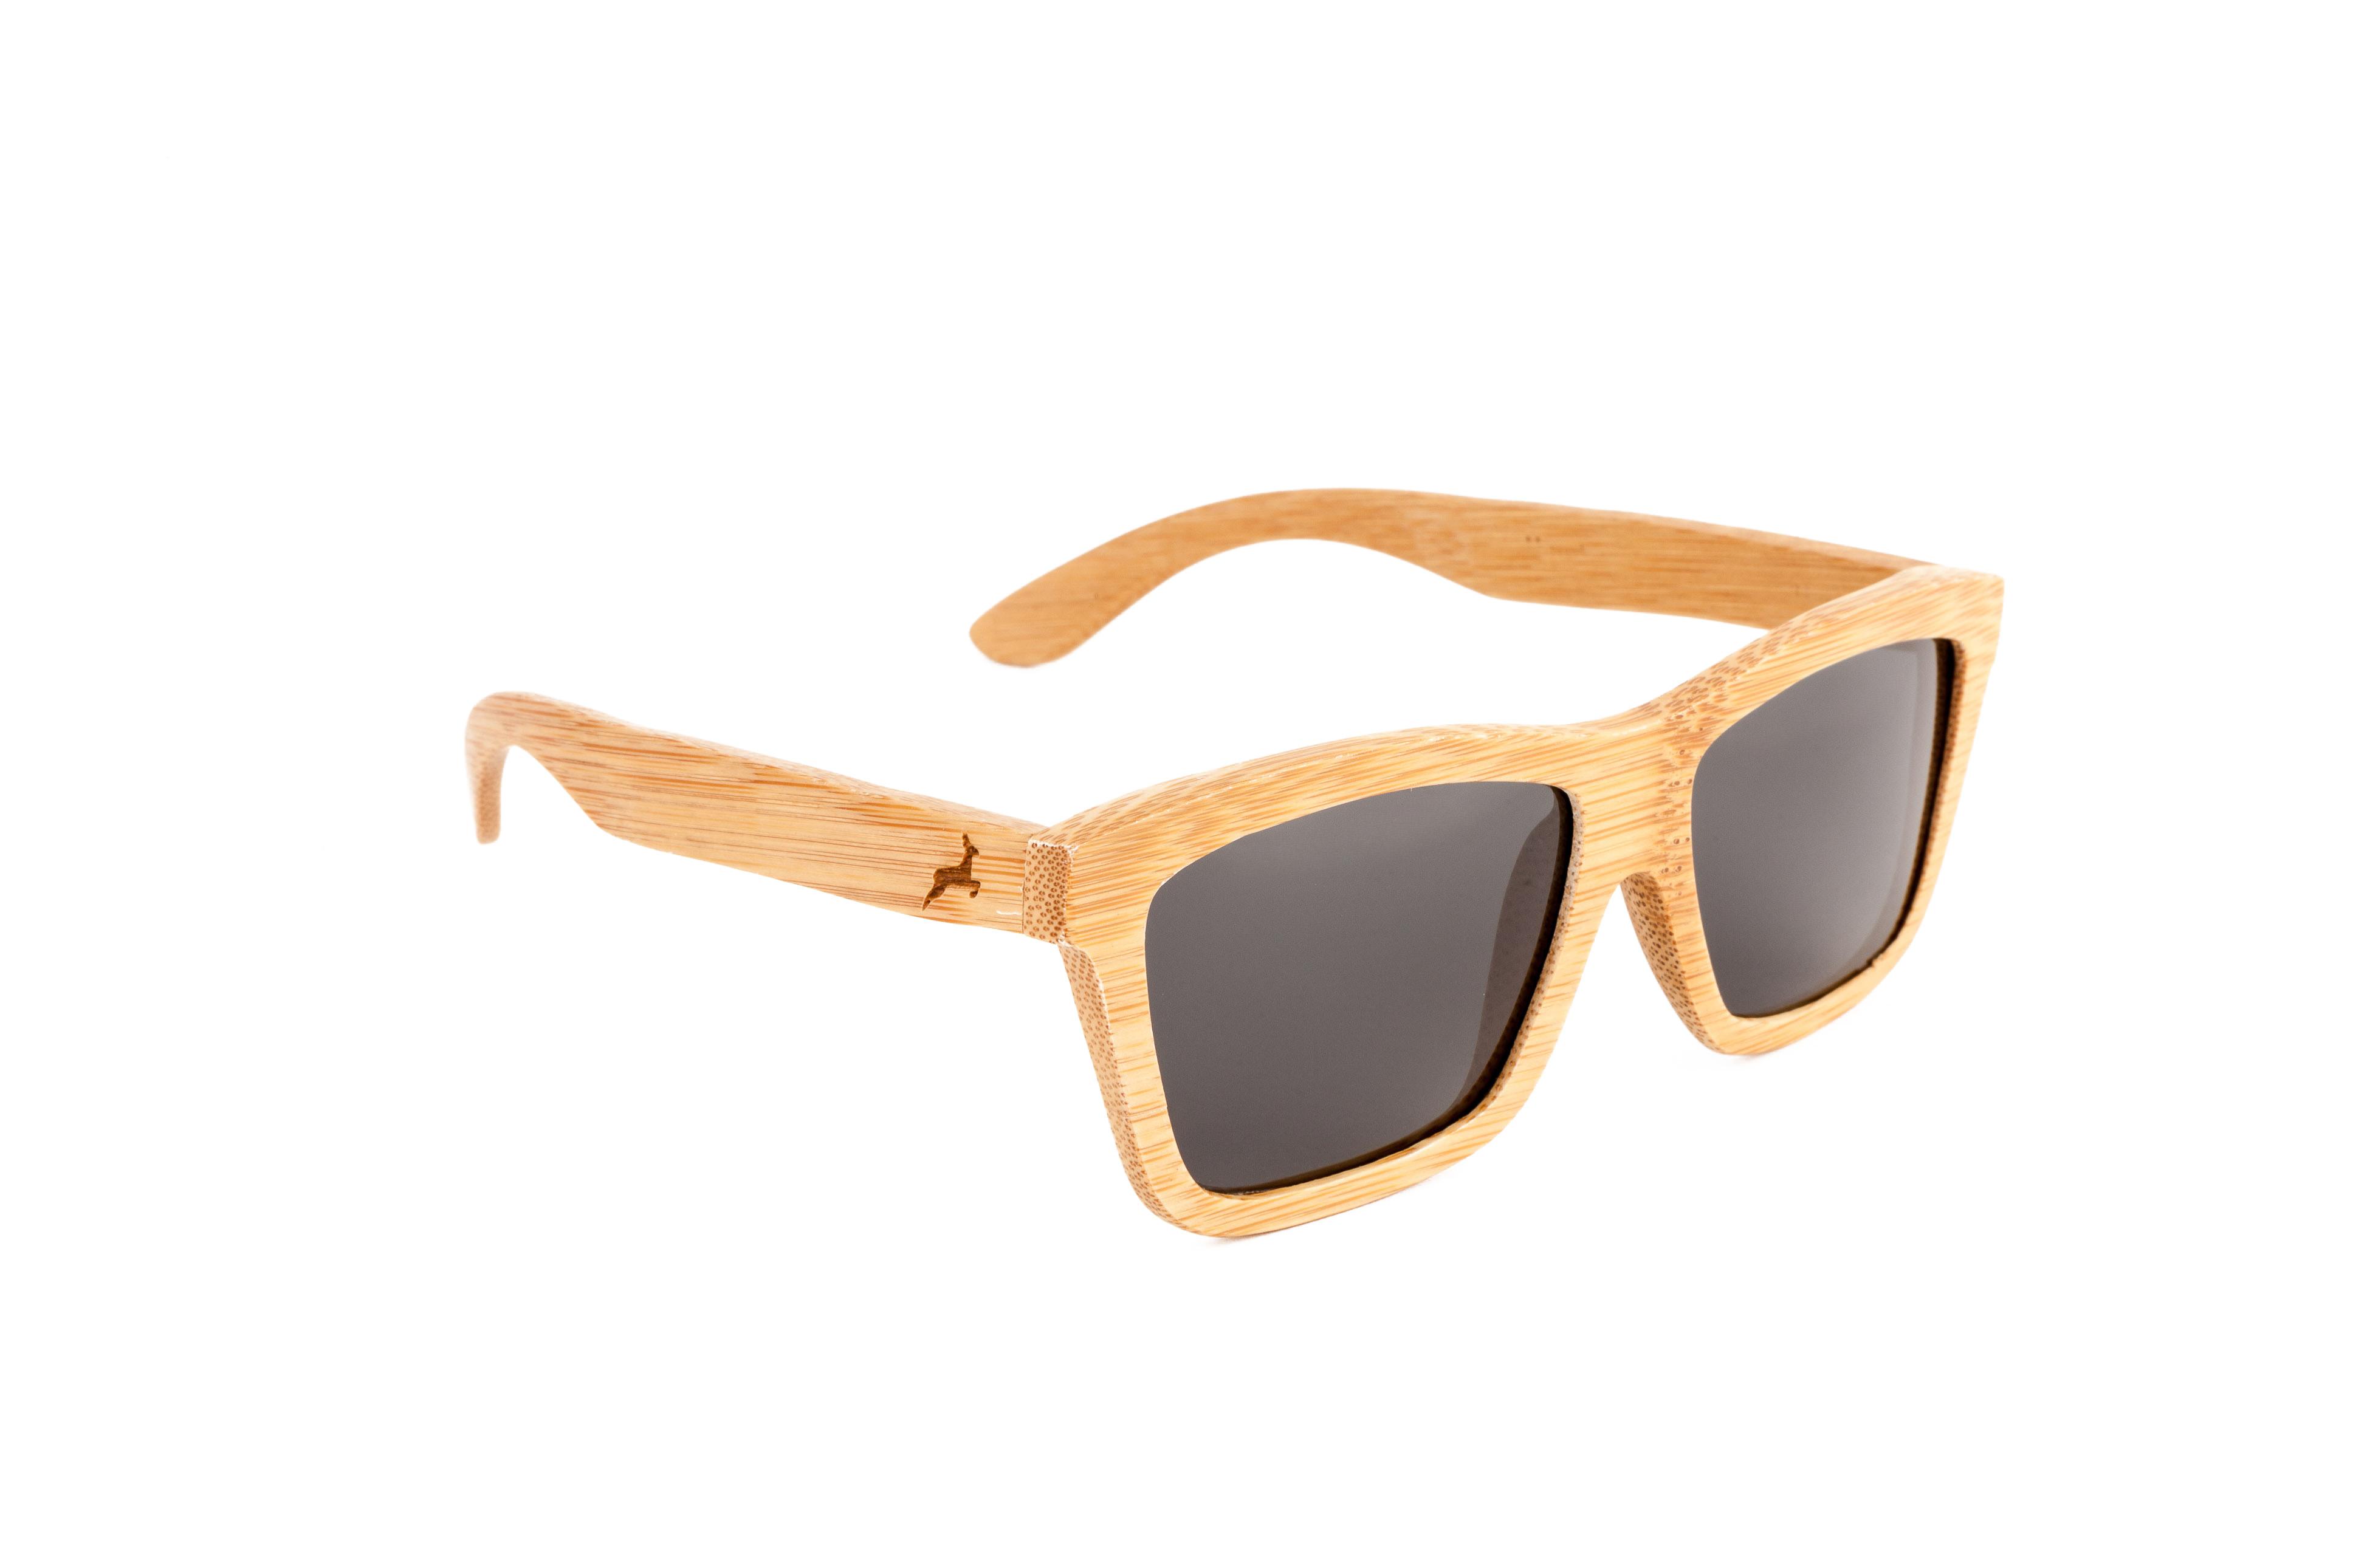 Holzkitz Sonnenbrille - Sonnenbrille aus Holz